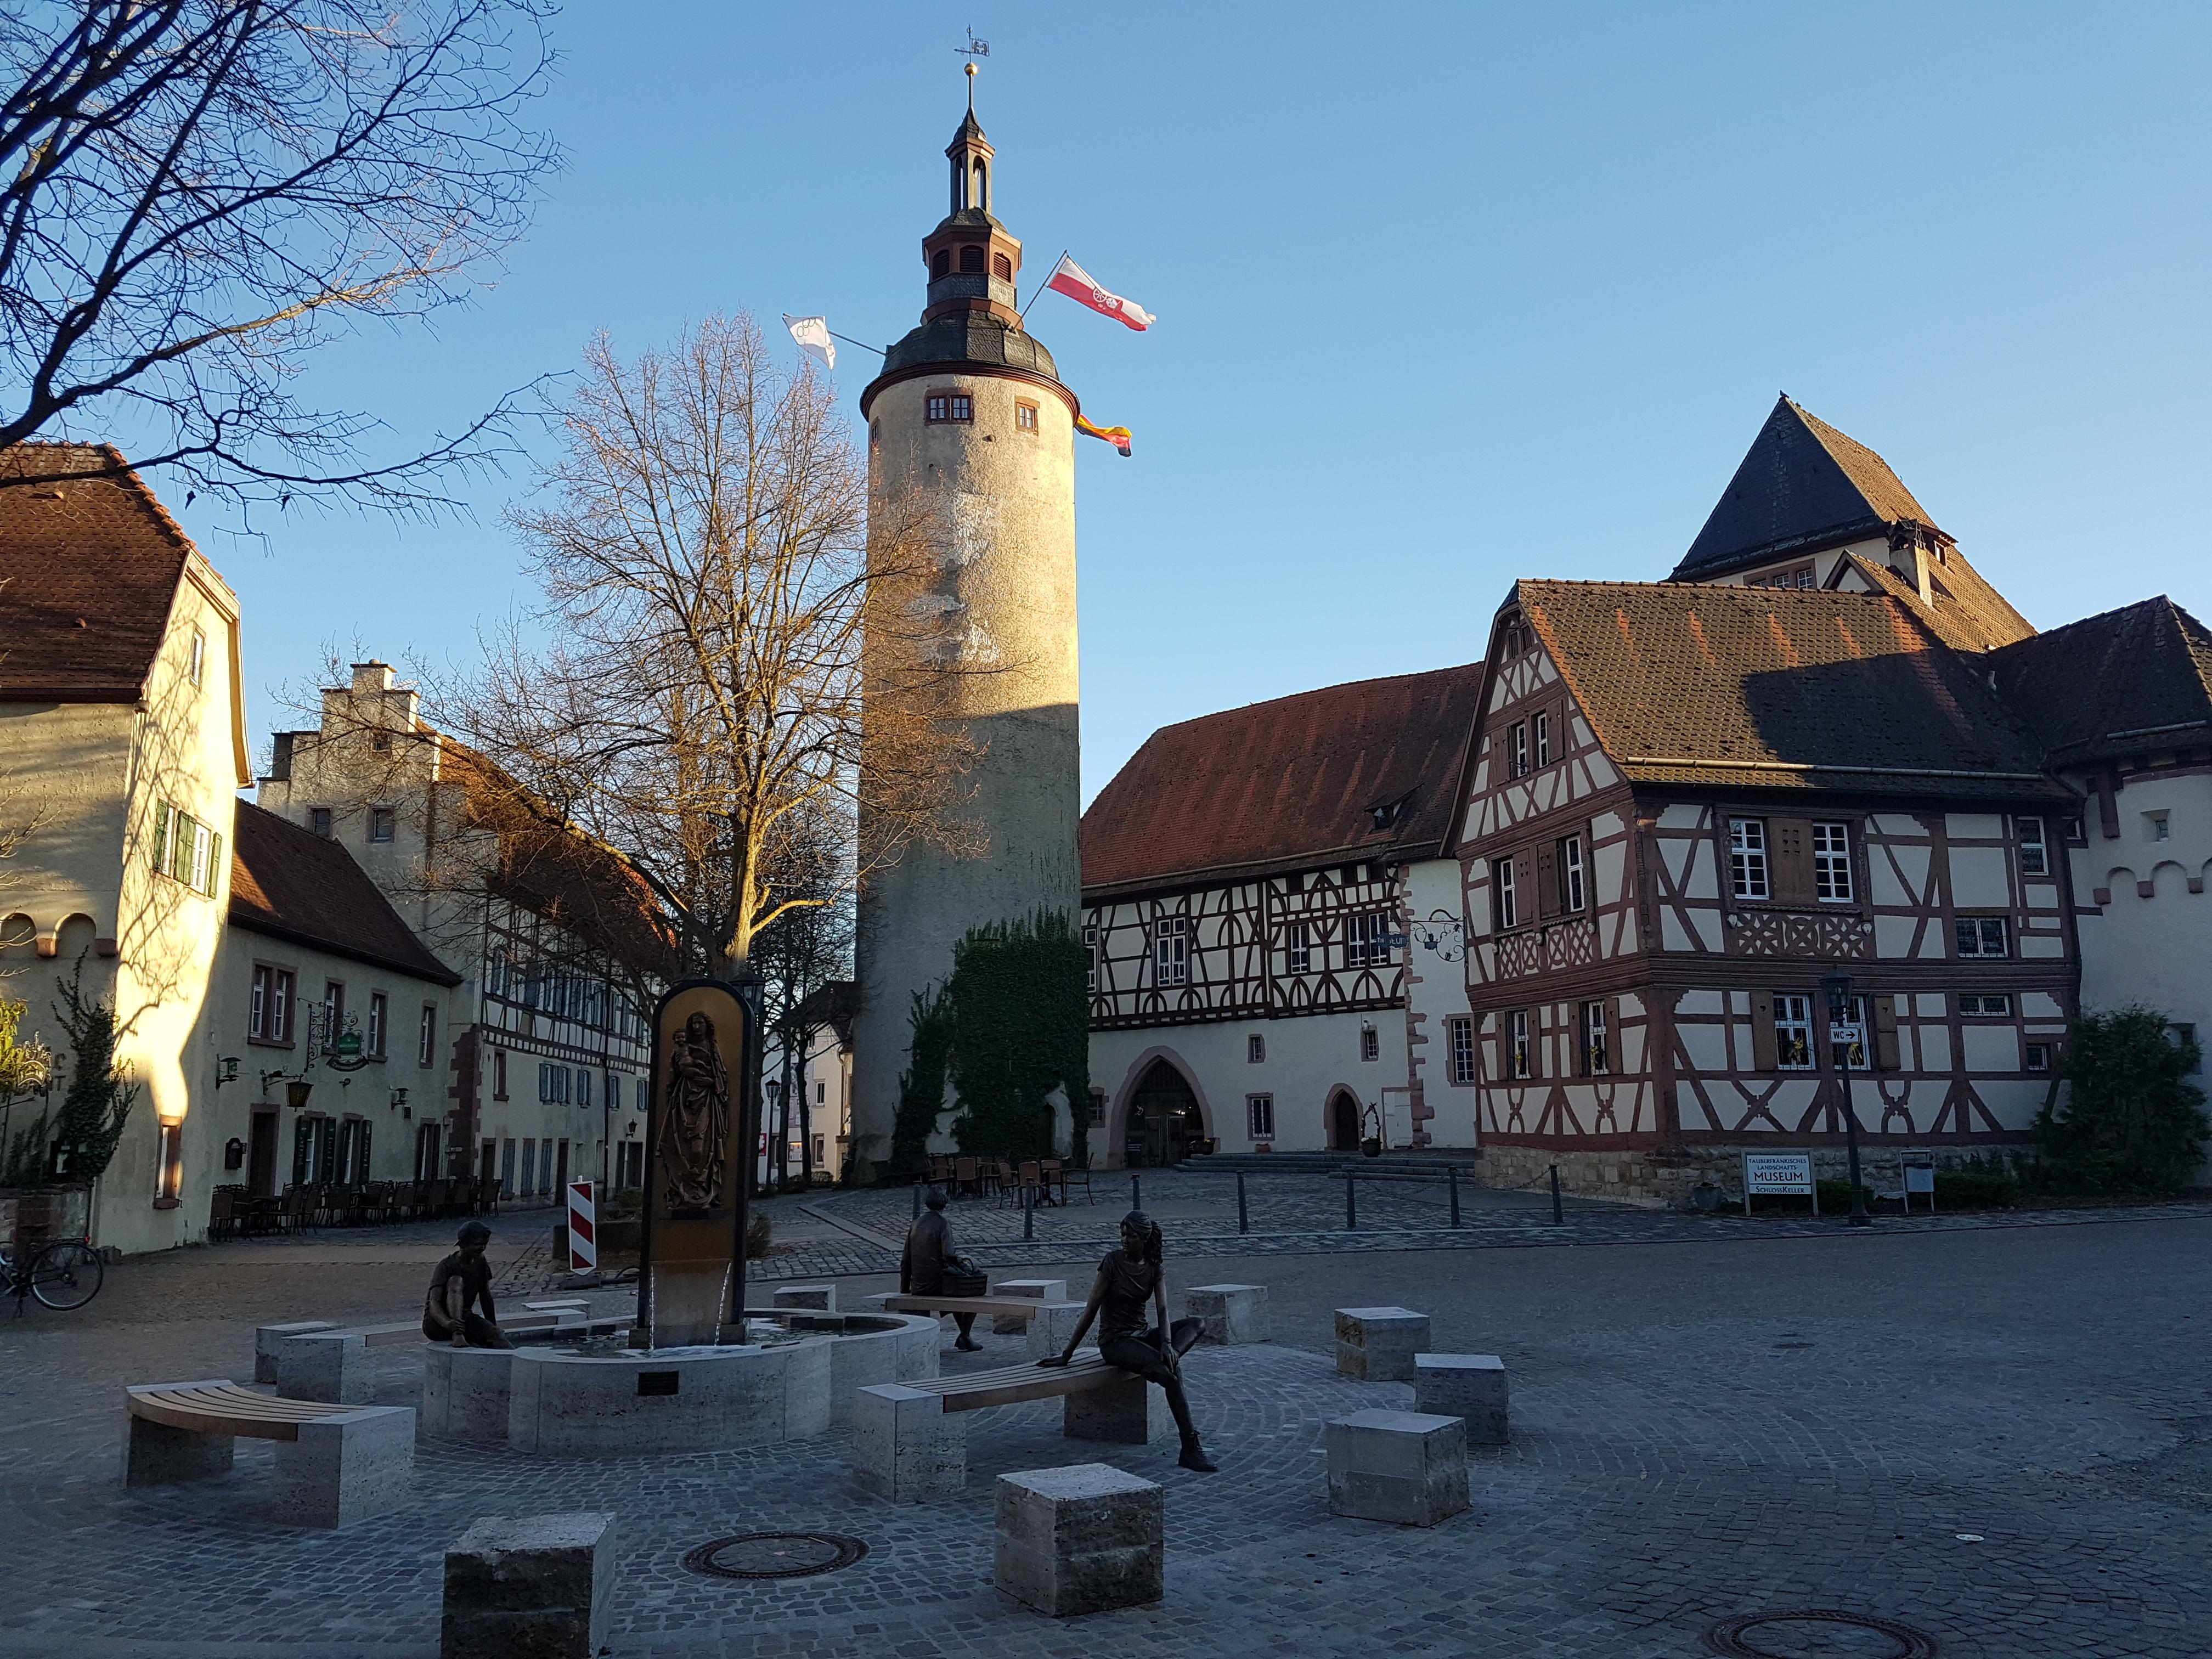 Er sucht sie tauberbischofsheim